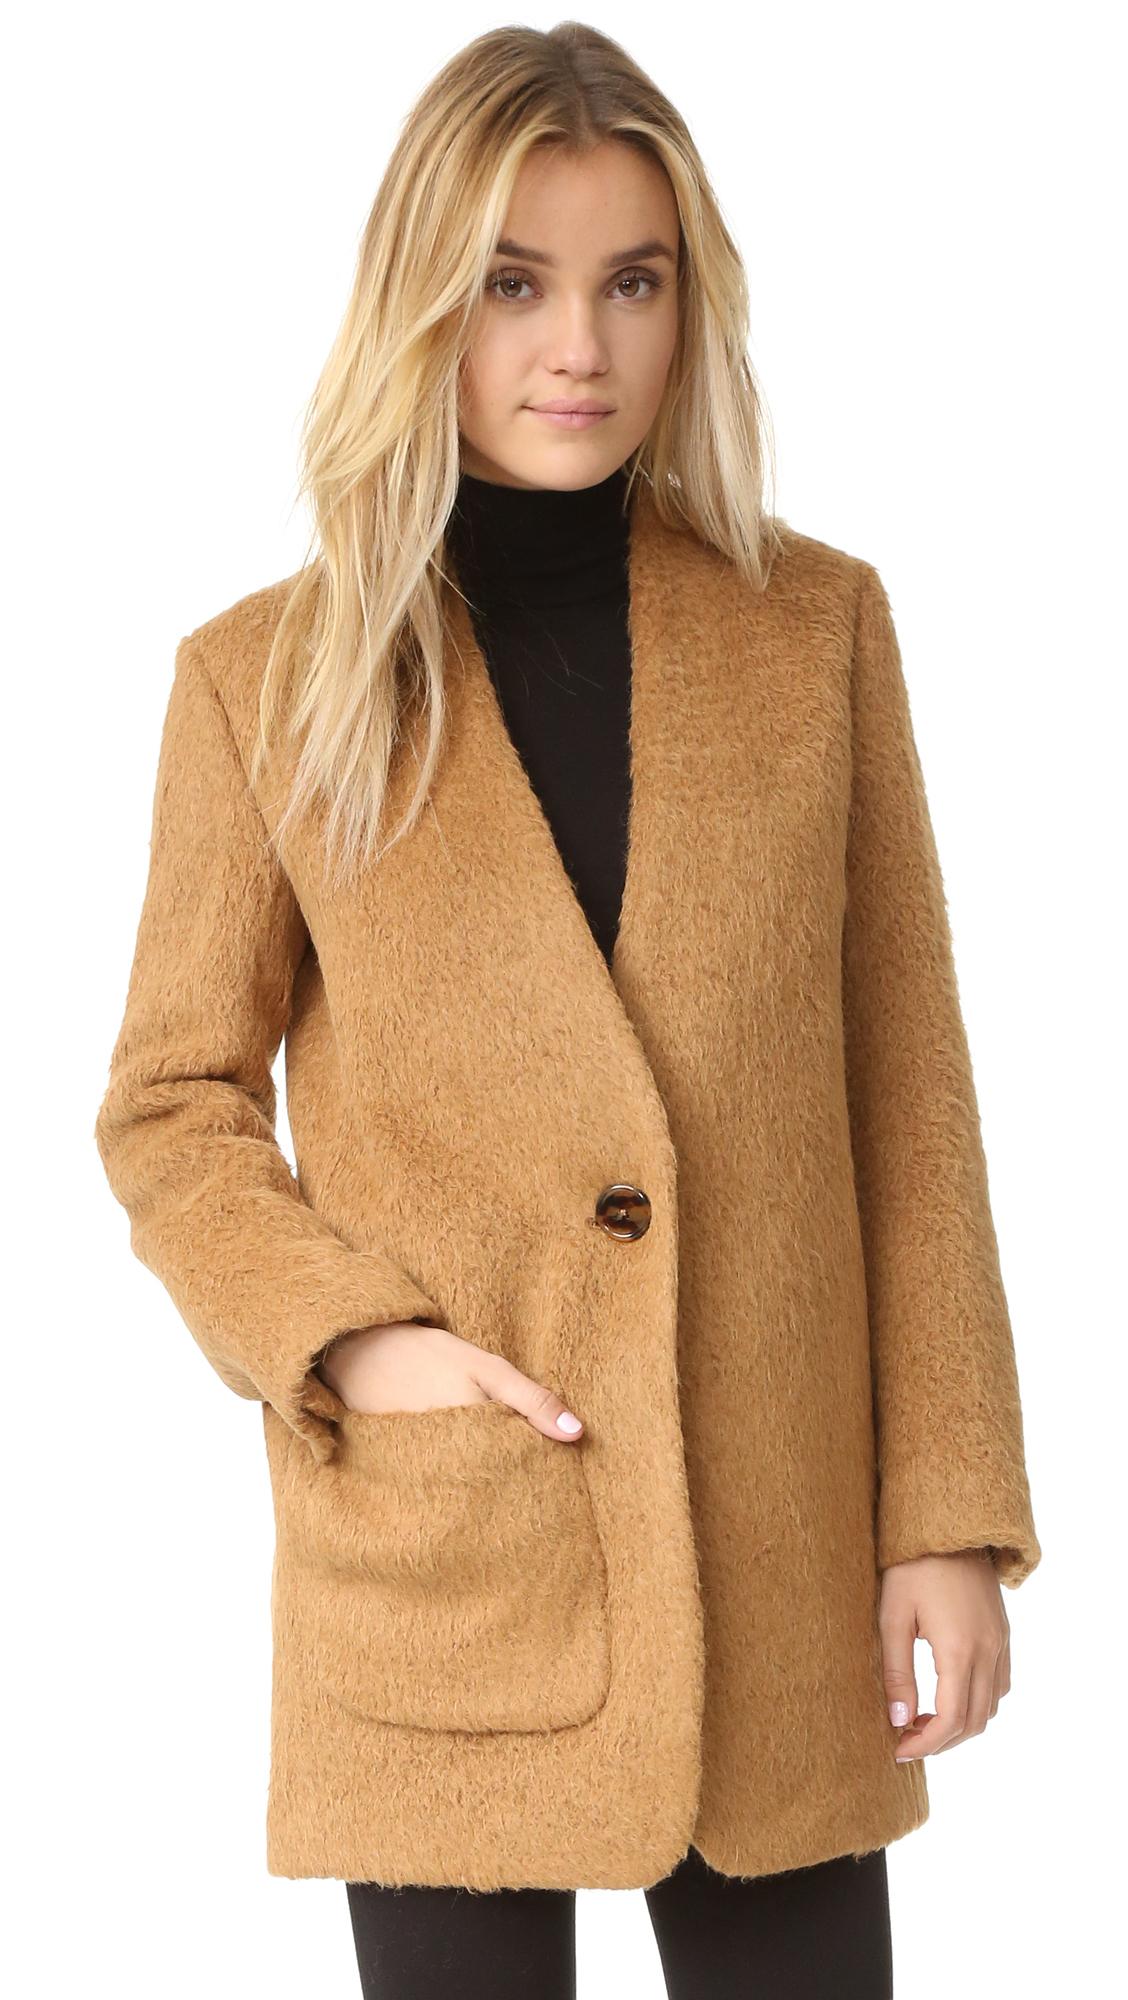 Helmut Lang Shaggy Blazer Coat  e8aa26b6b3e72